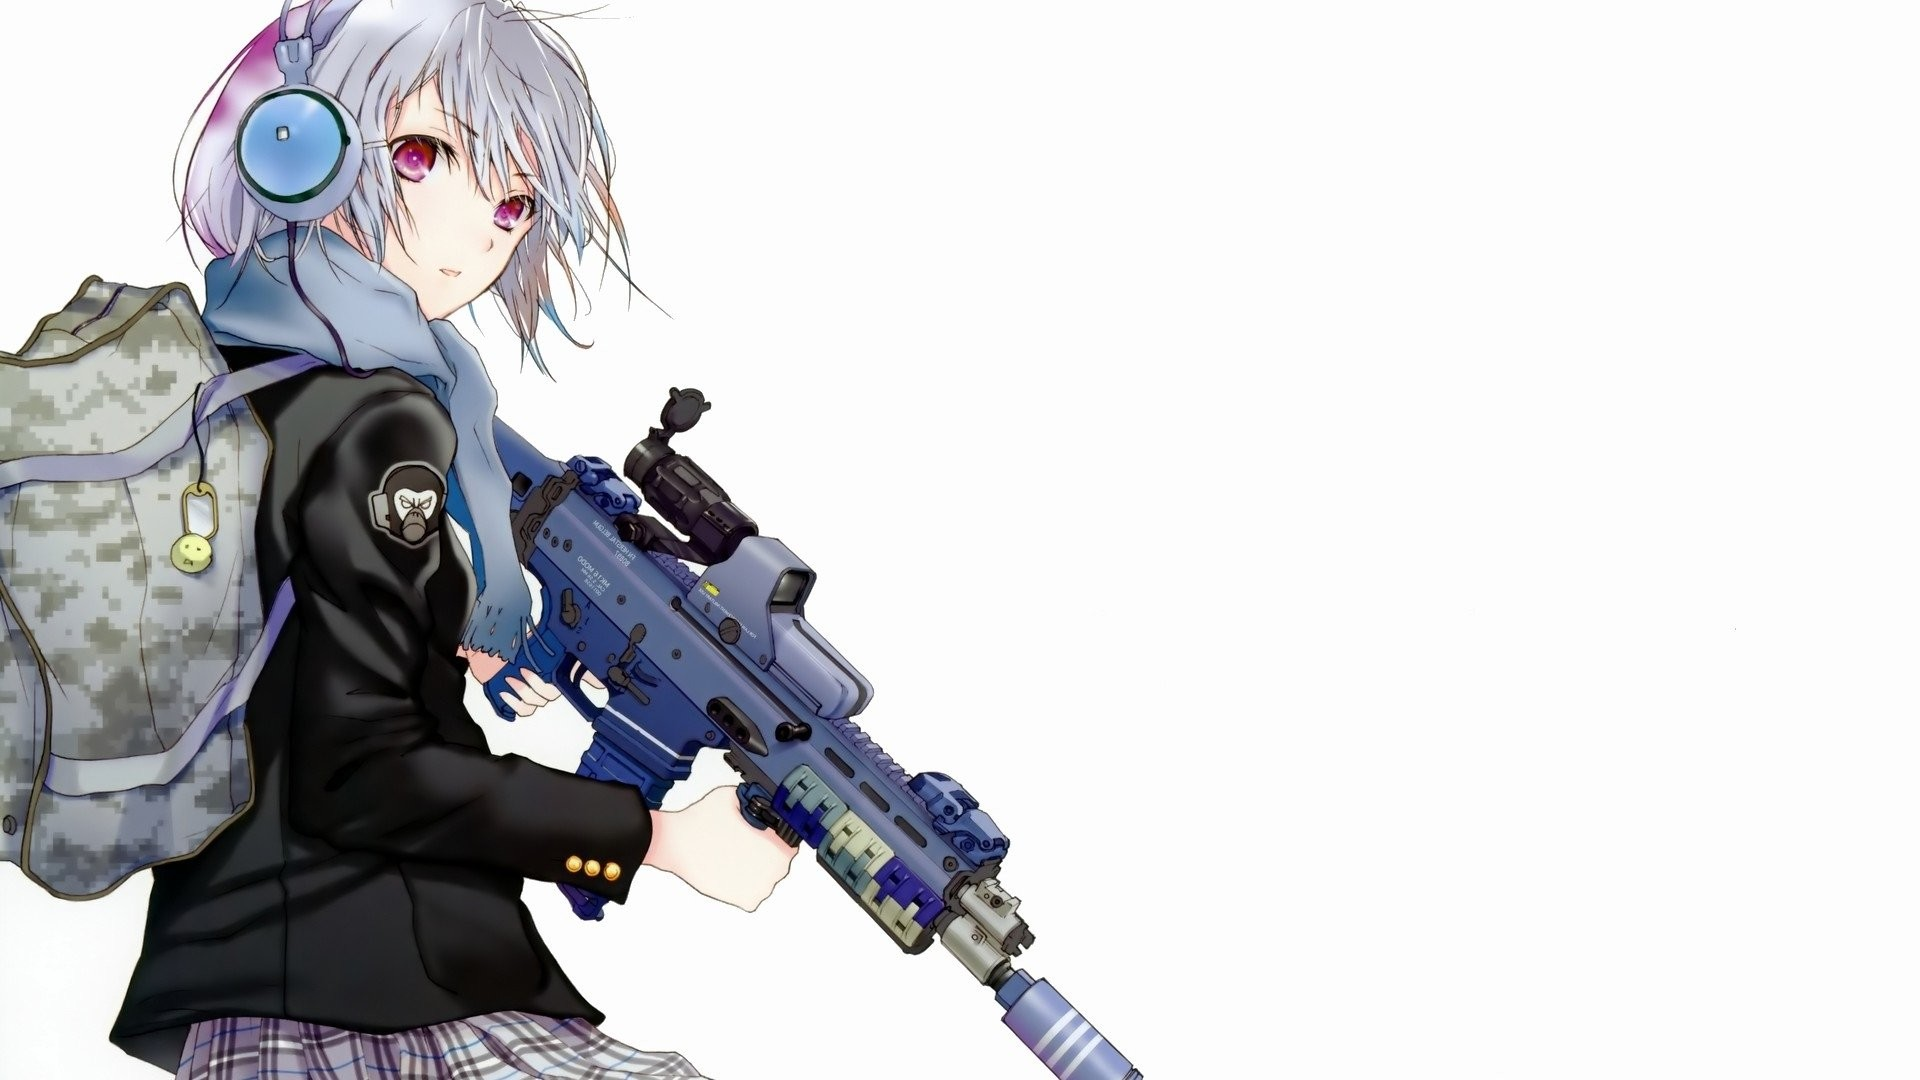 Anime Girl With Gun 703349 …